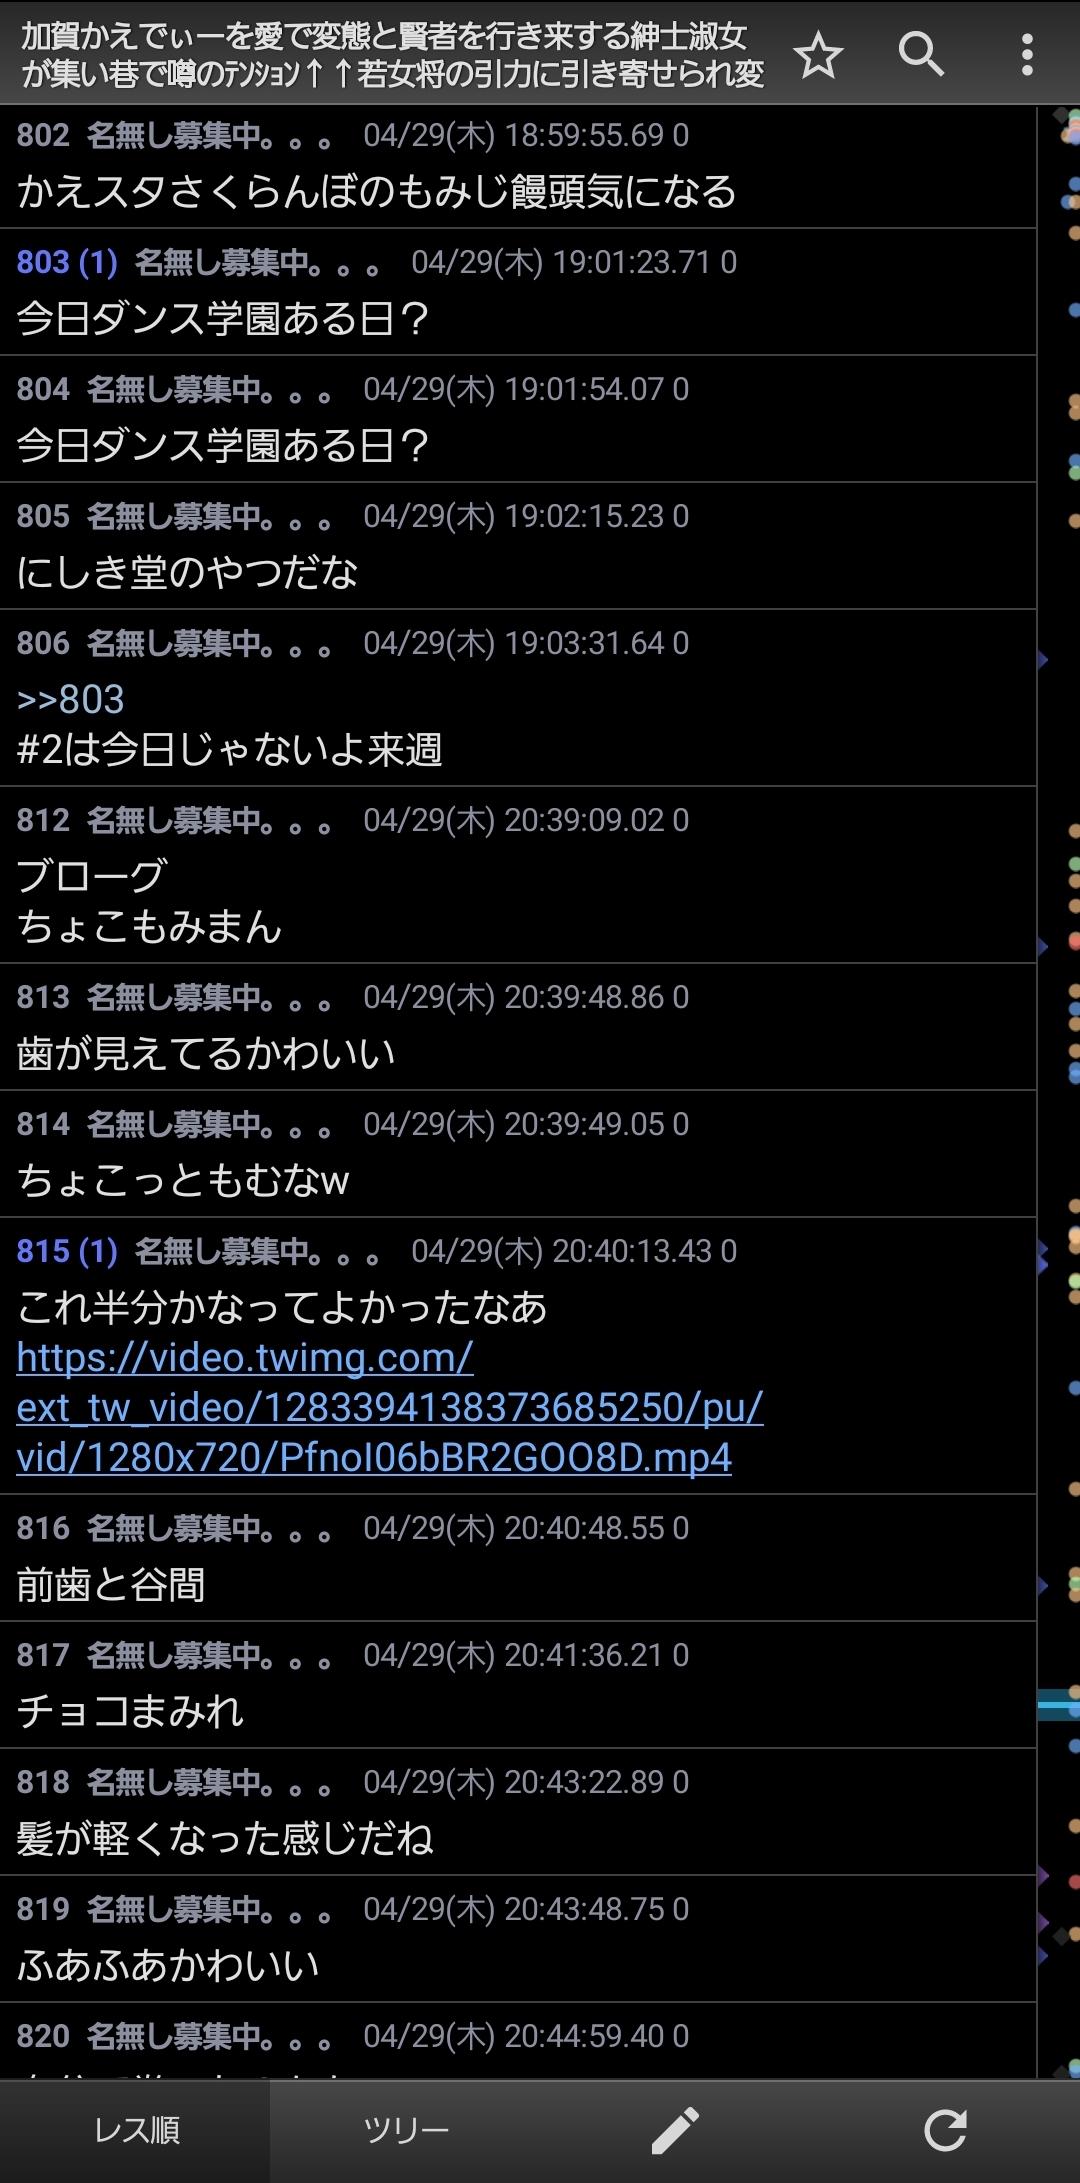 BYiWfAb_608e8e9587f75.jpg